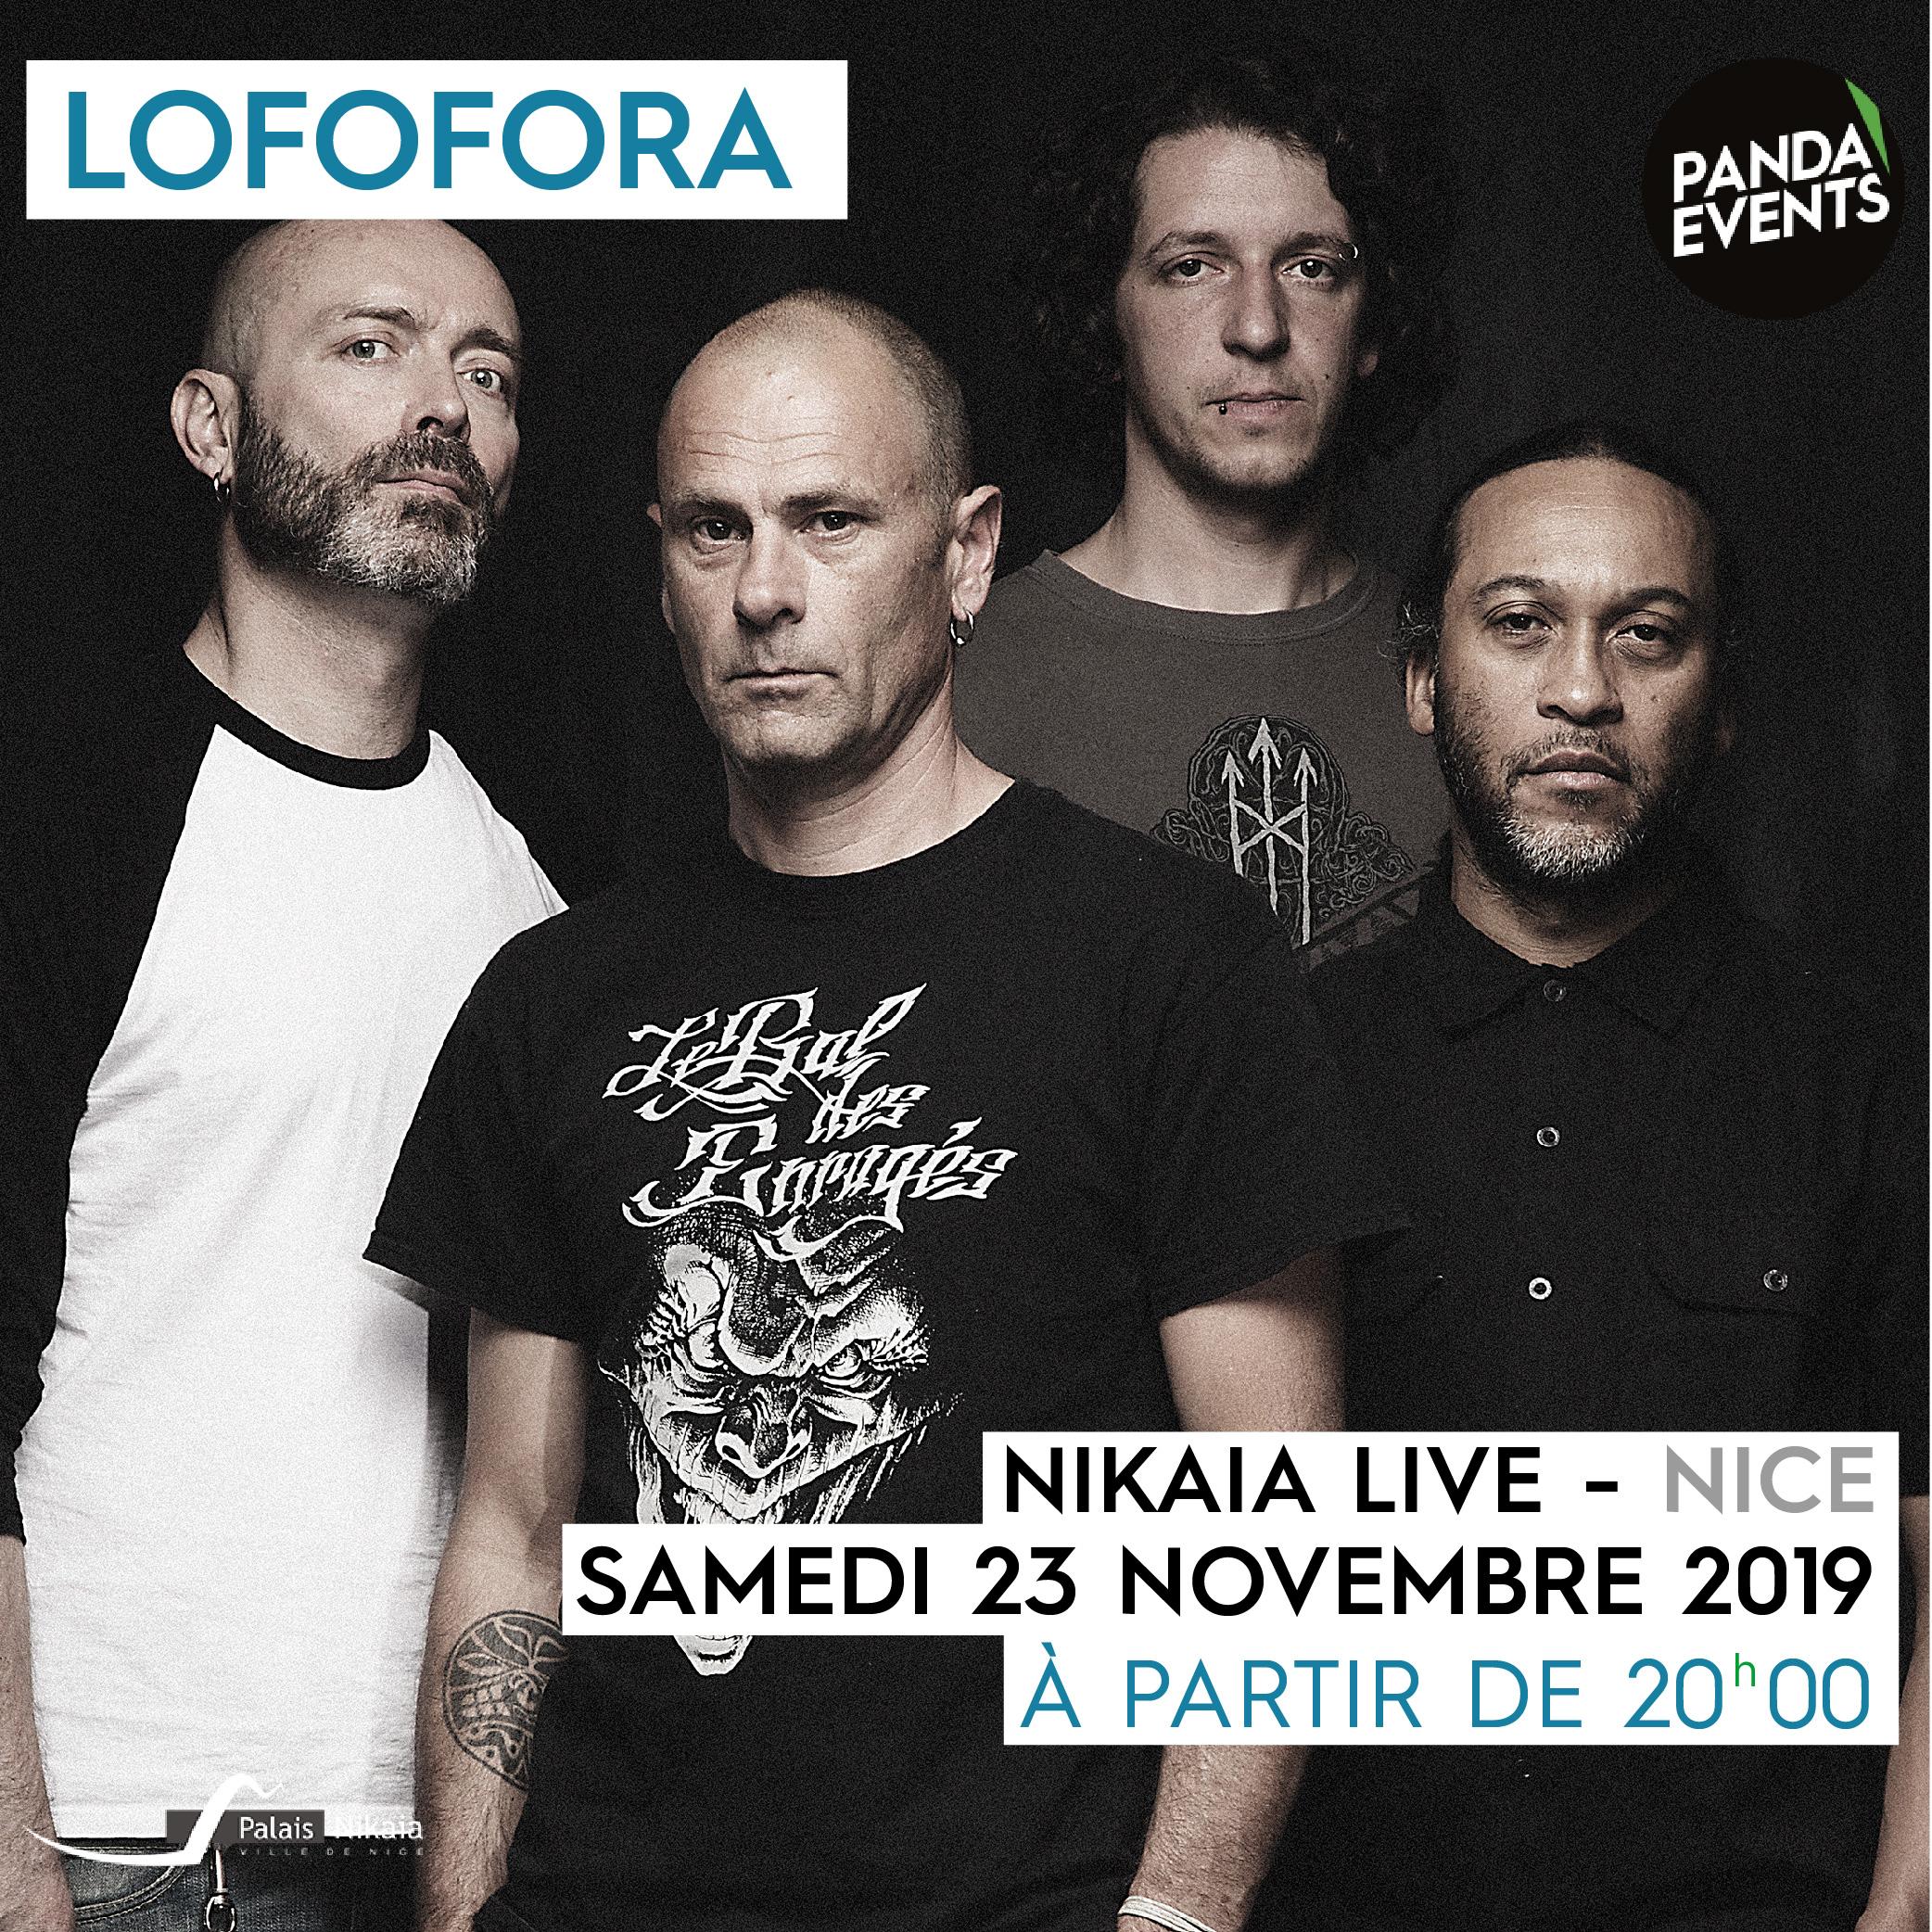 Lofofora + Darktribe + Schultz